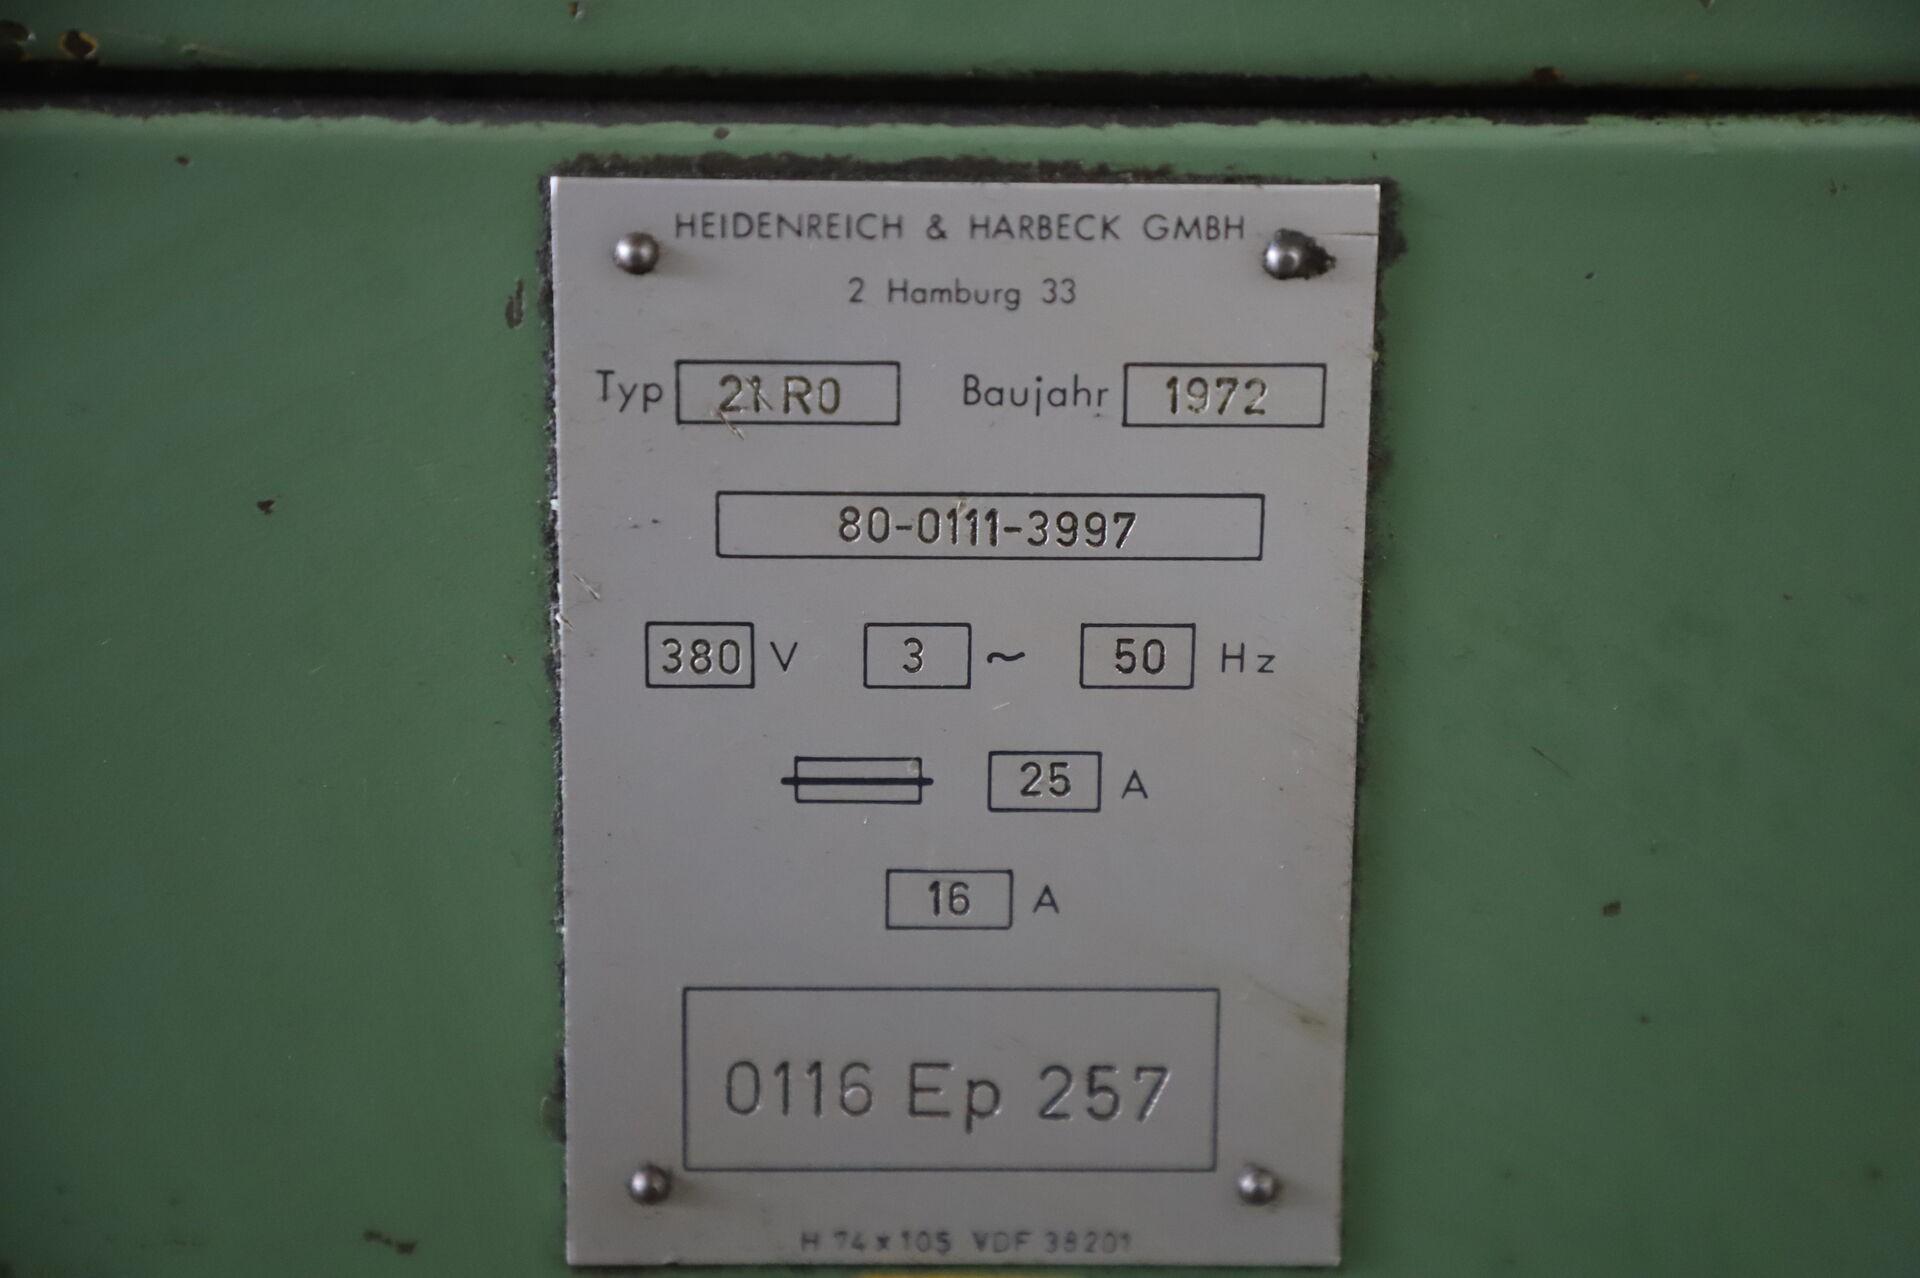 Токарный станок с ручным управлением VDF HEIDENREICH & HARBECK 21 RO фото на Industry-Pilot